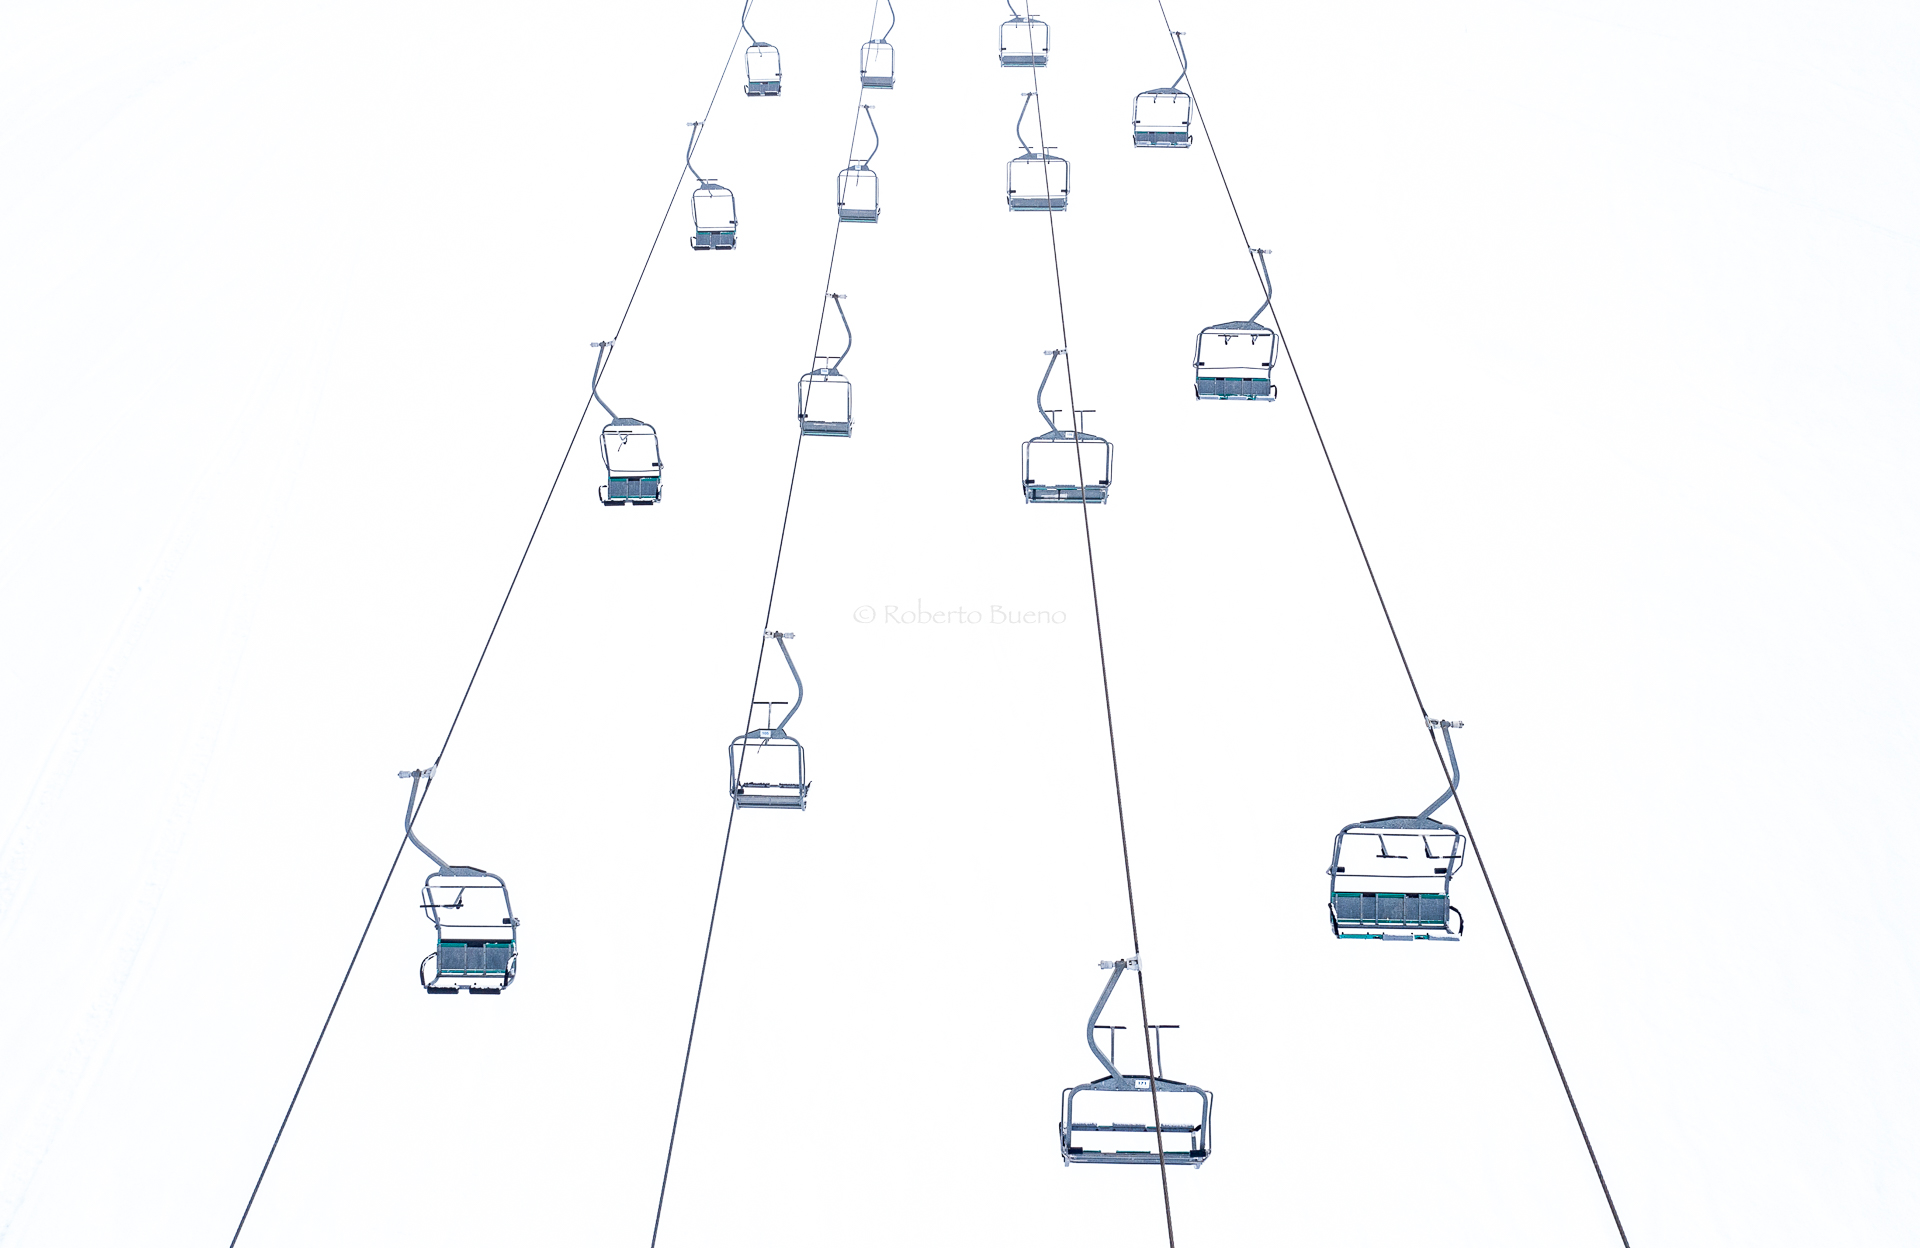 Teletransporte - Desde el aire 2 - Roberto Bueno - Fotografía de Naturaleza - Luces del Planeta - Desde el aire